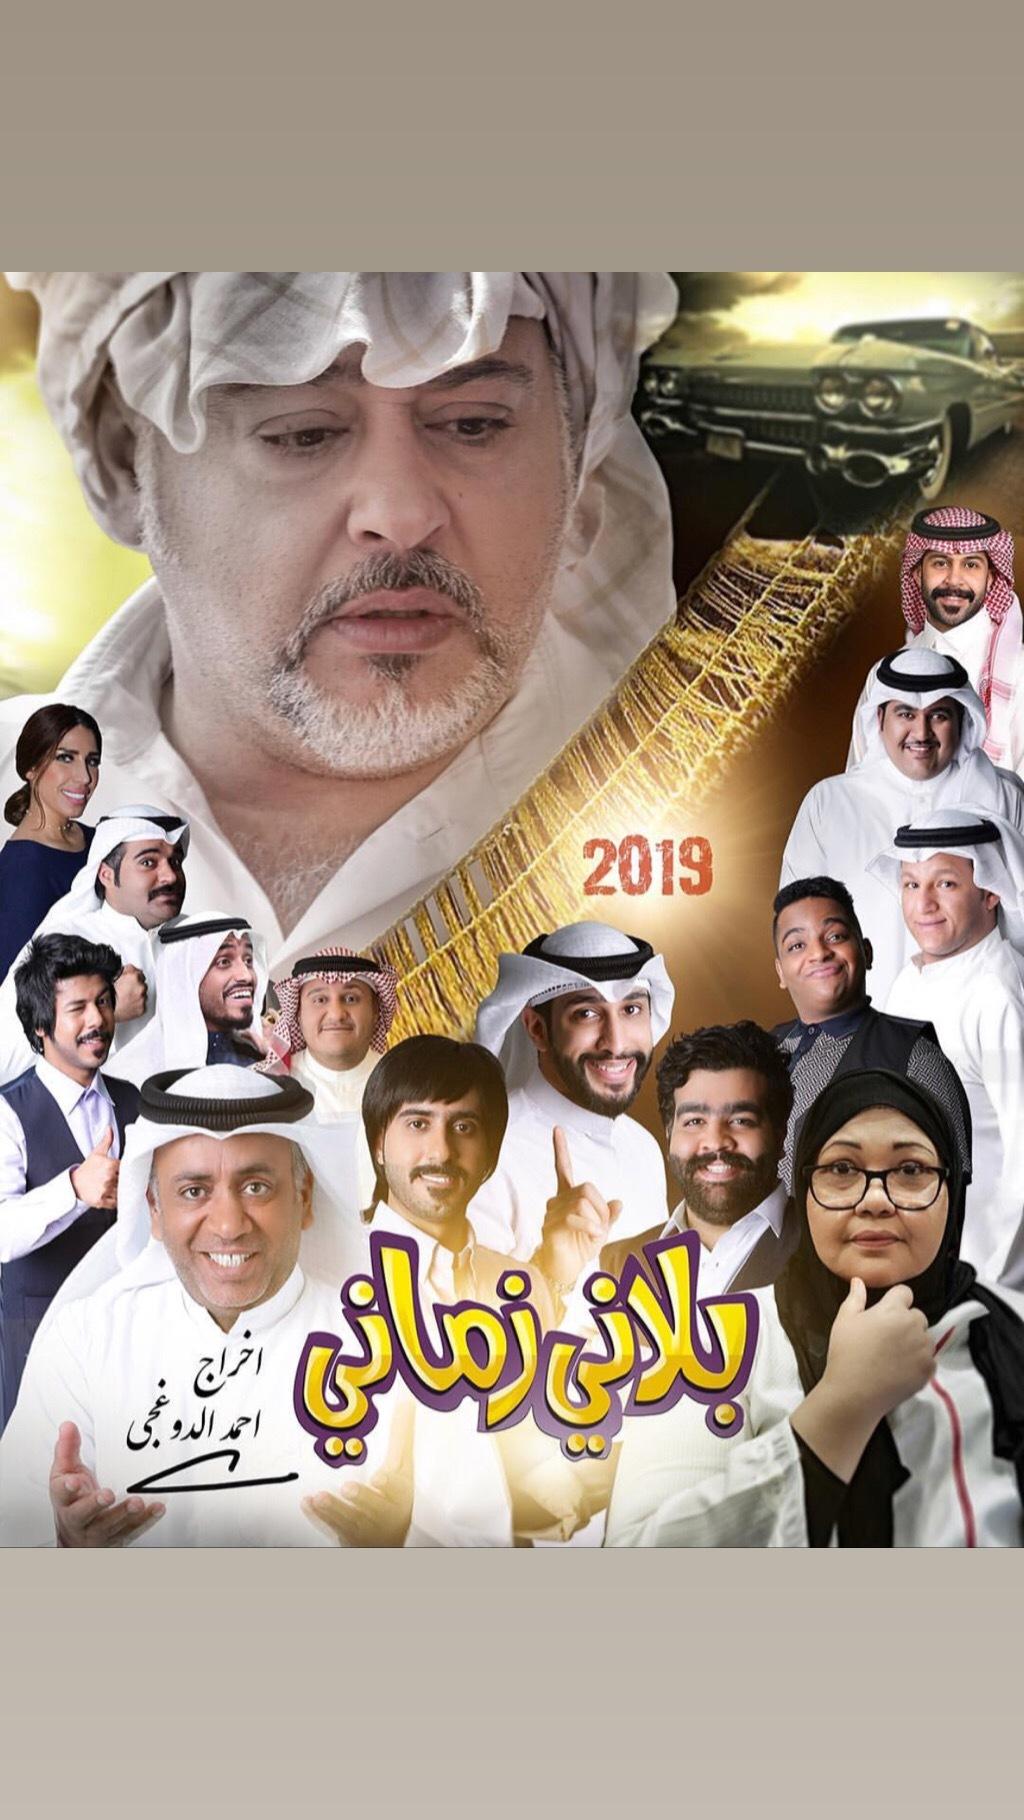 احداث وتفاصيل الحلقة 9 من مسلسل بلاني زماني رمضان 2019